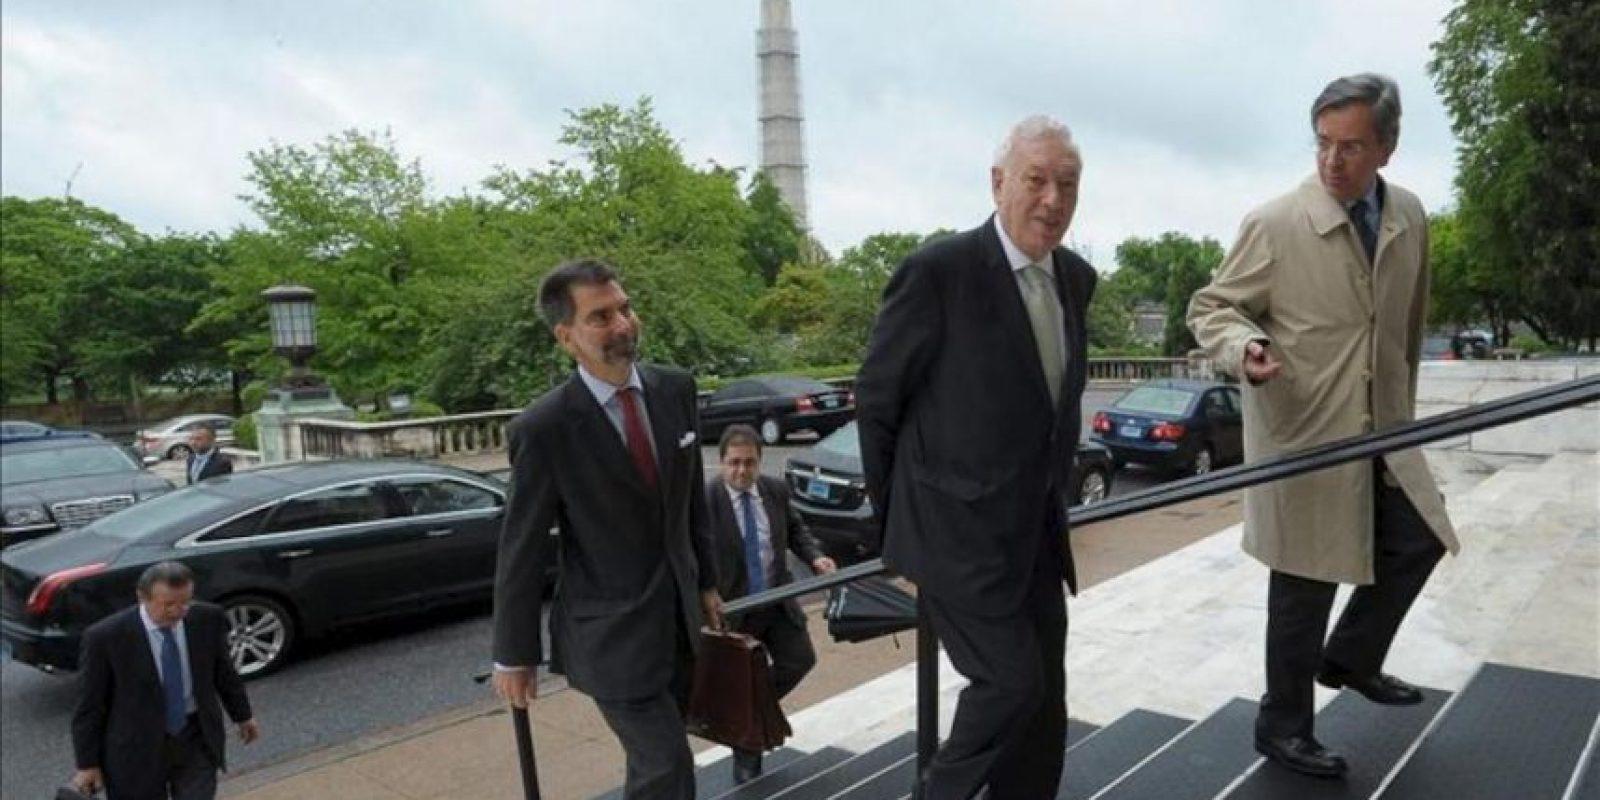 El ministro español de Exteriores, José Manuel García-Margallo (2d), a su llegada esta tarde a la sede de la Organización de Estados Americanos, en Washington, donde ha mantenido una reunión con el titular de la OEA, José Miguel Insulza. EFE